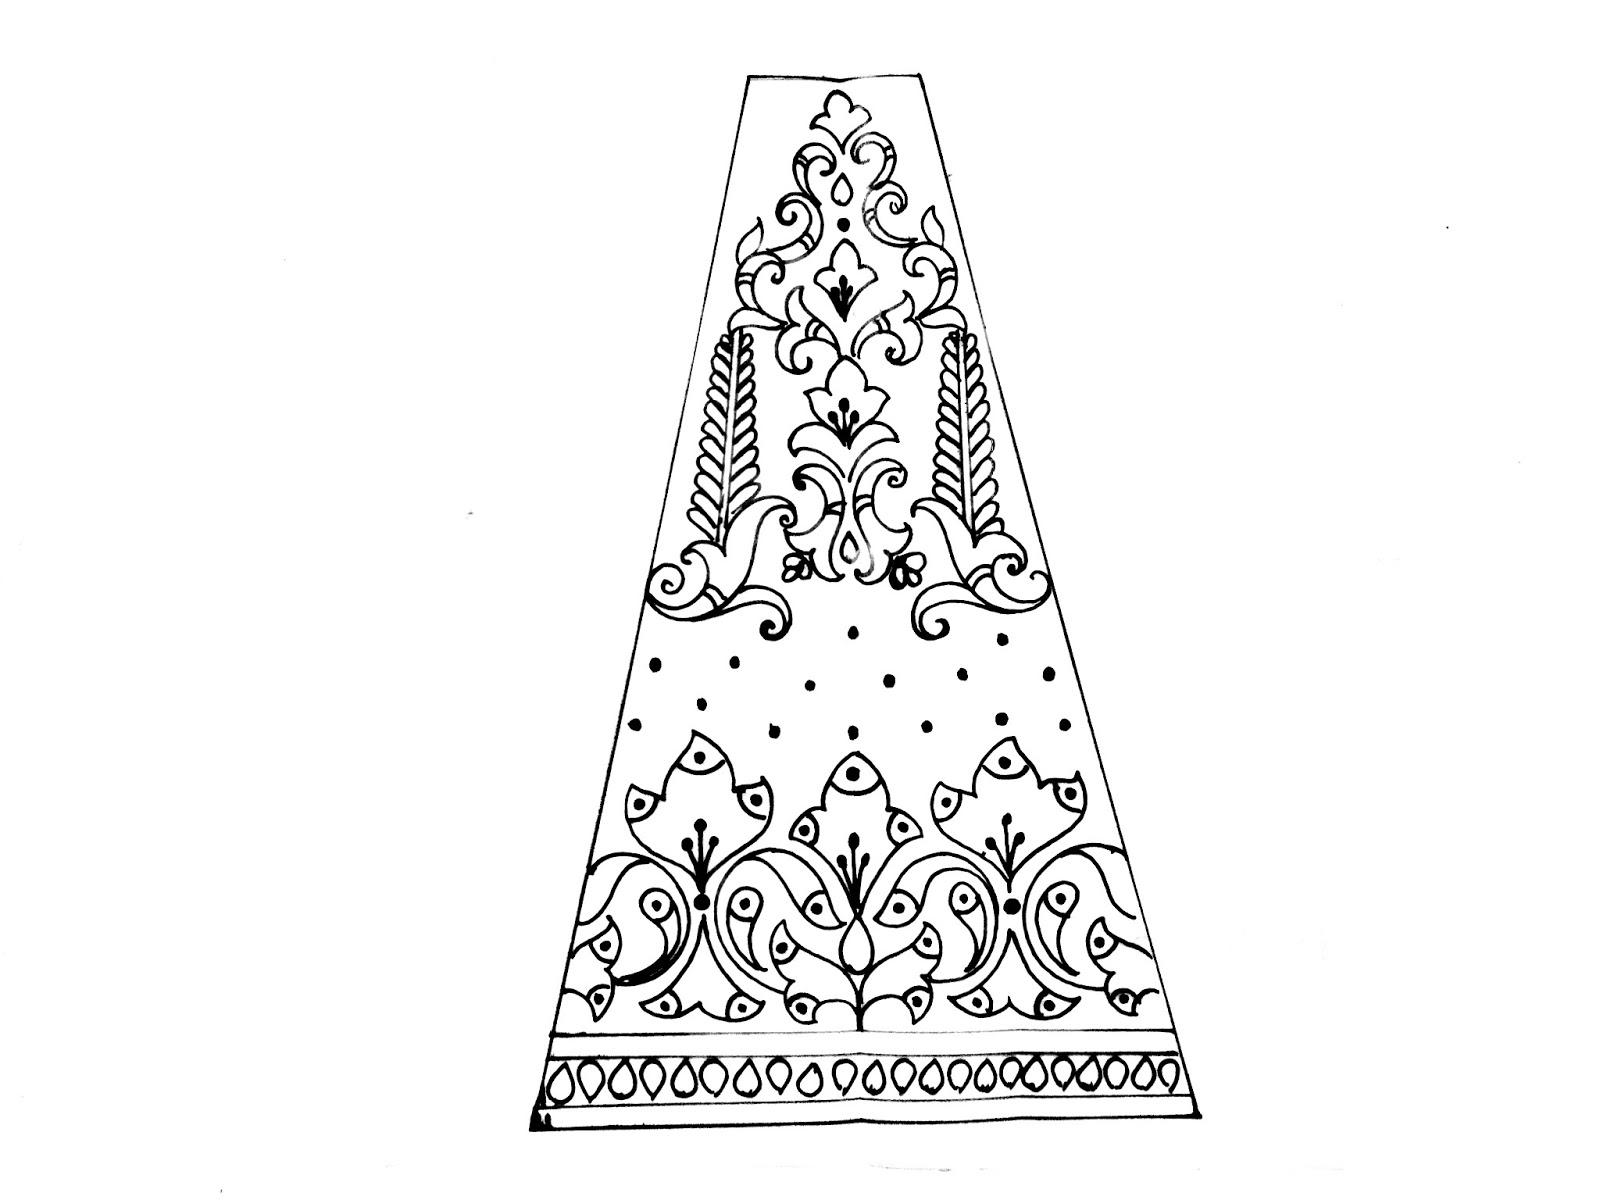 how to draw lehenga designs/pencil sketch lehenga fashion illustration/traditional lehenga sketch and drawing